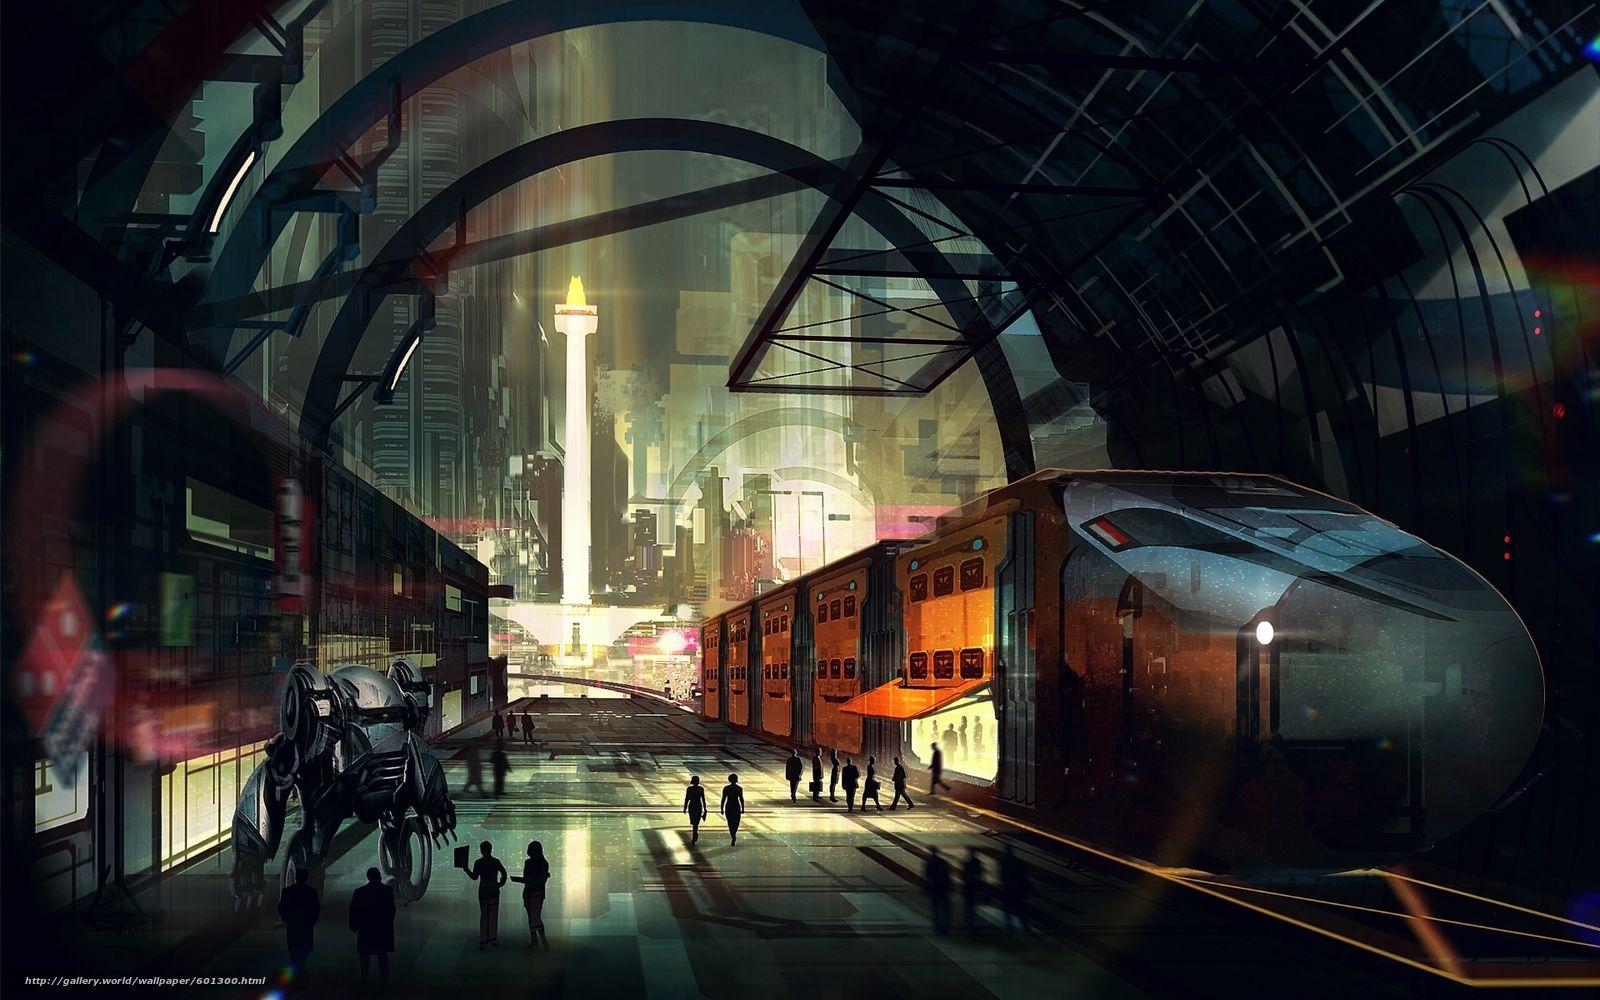 壁紙をダウンロード サイバーパンク 都市 トレイン デスクトップの解像度のための無料壁紙 19x10 絵 都市 デジタルアート トレイン